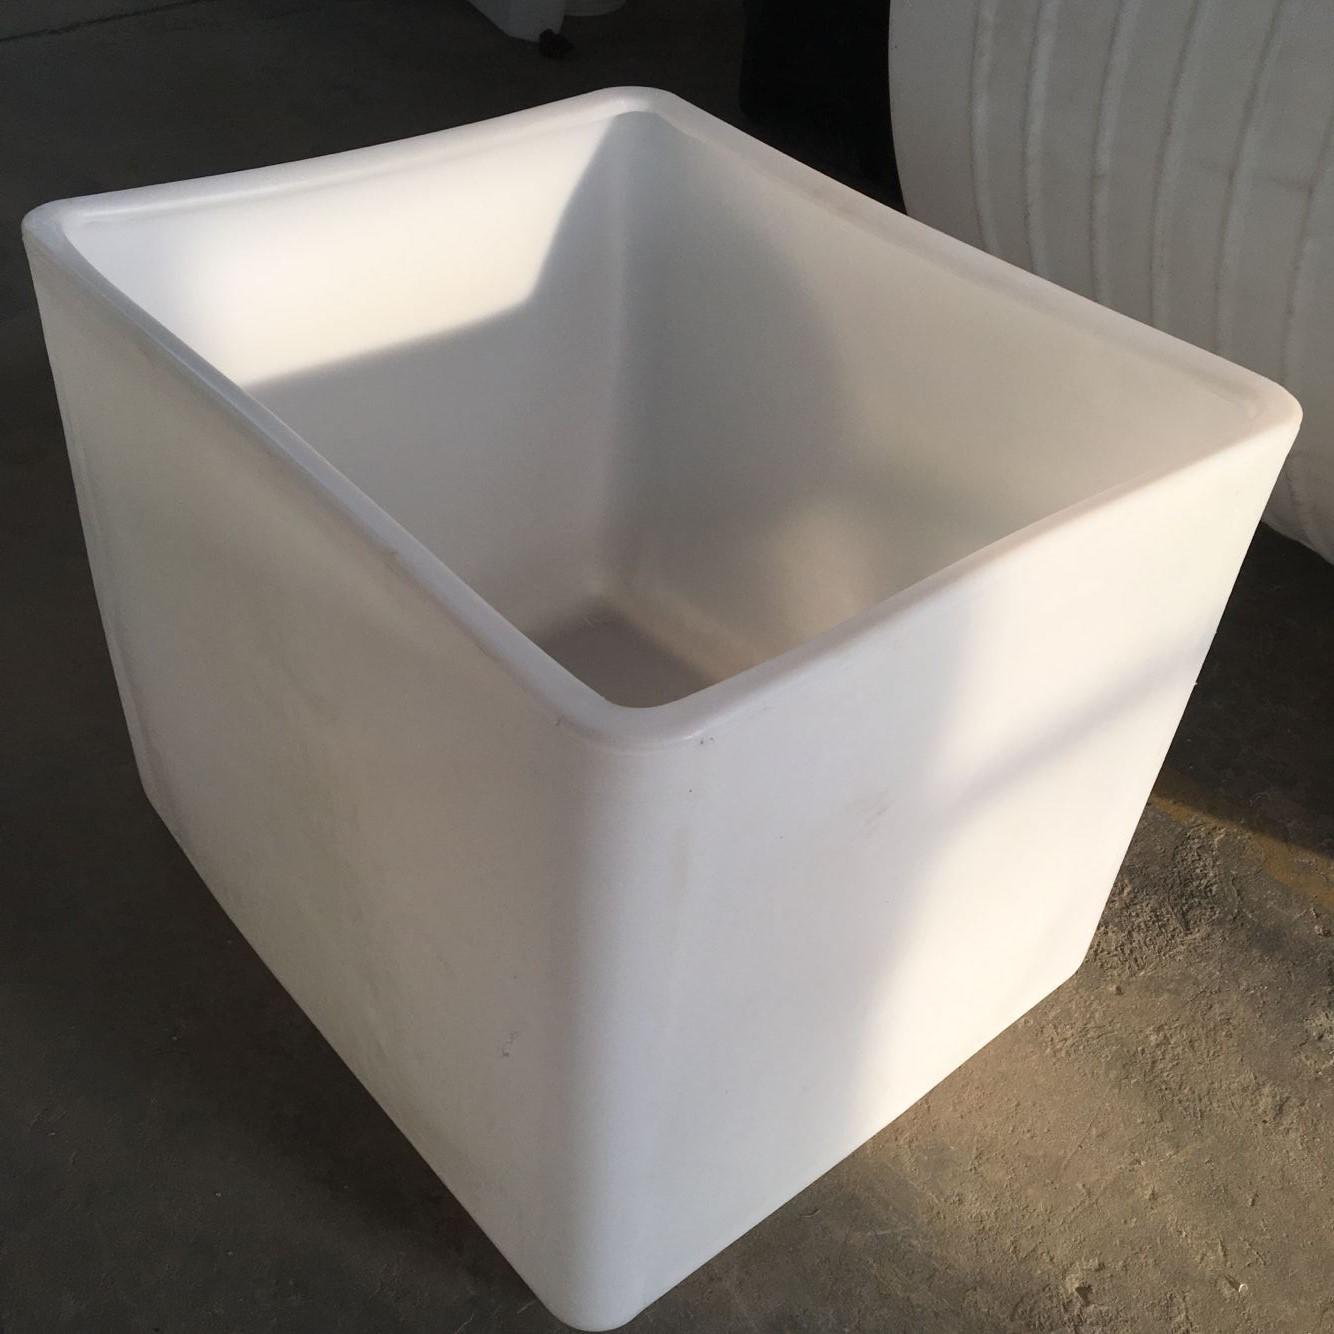 厂家供应敞口1吨集装桶1000L方形大口径塑料桶PE塑料化工吨桶